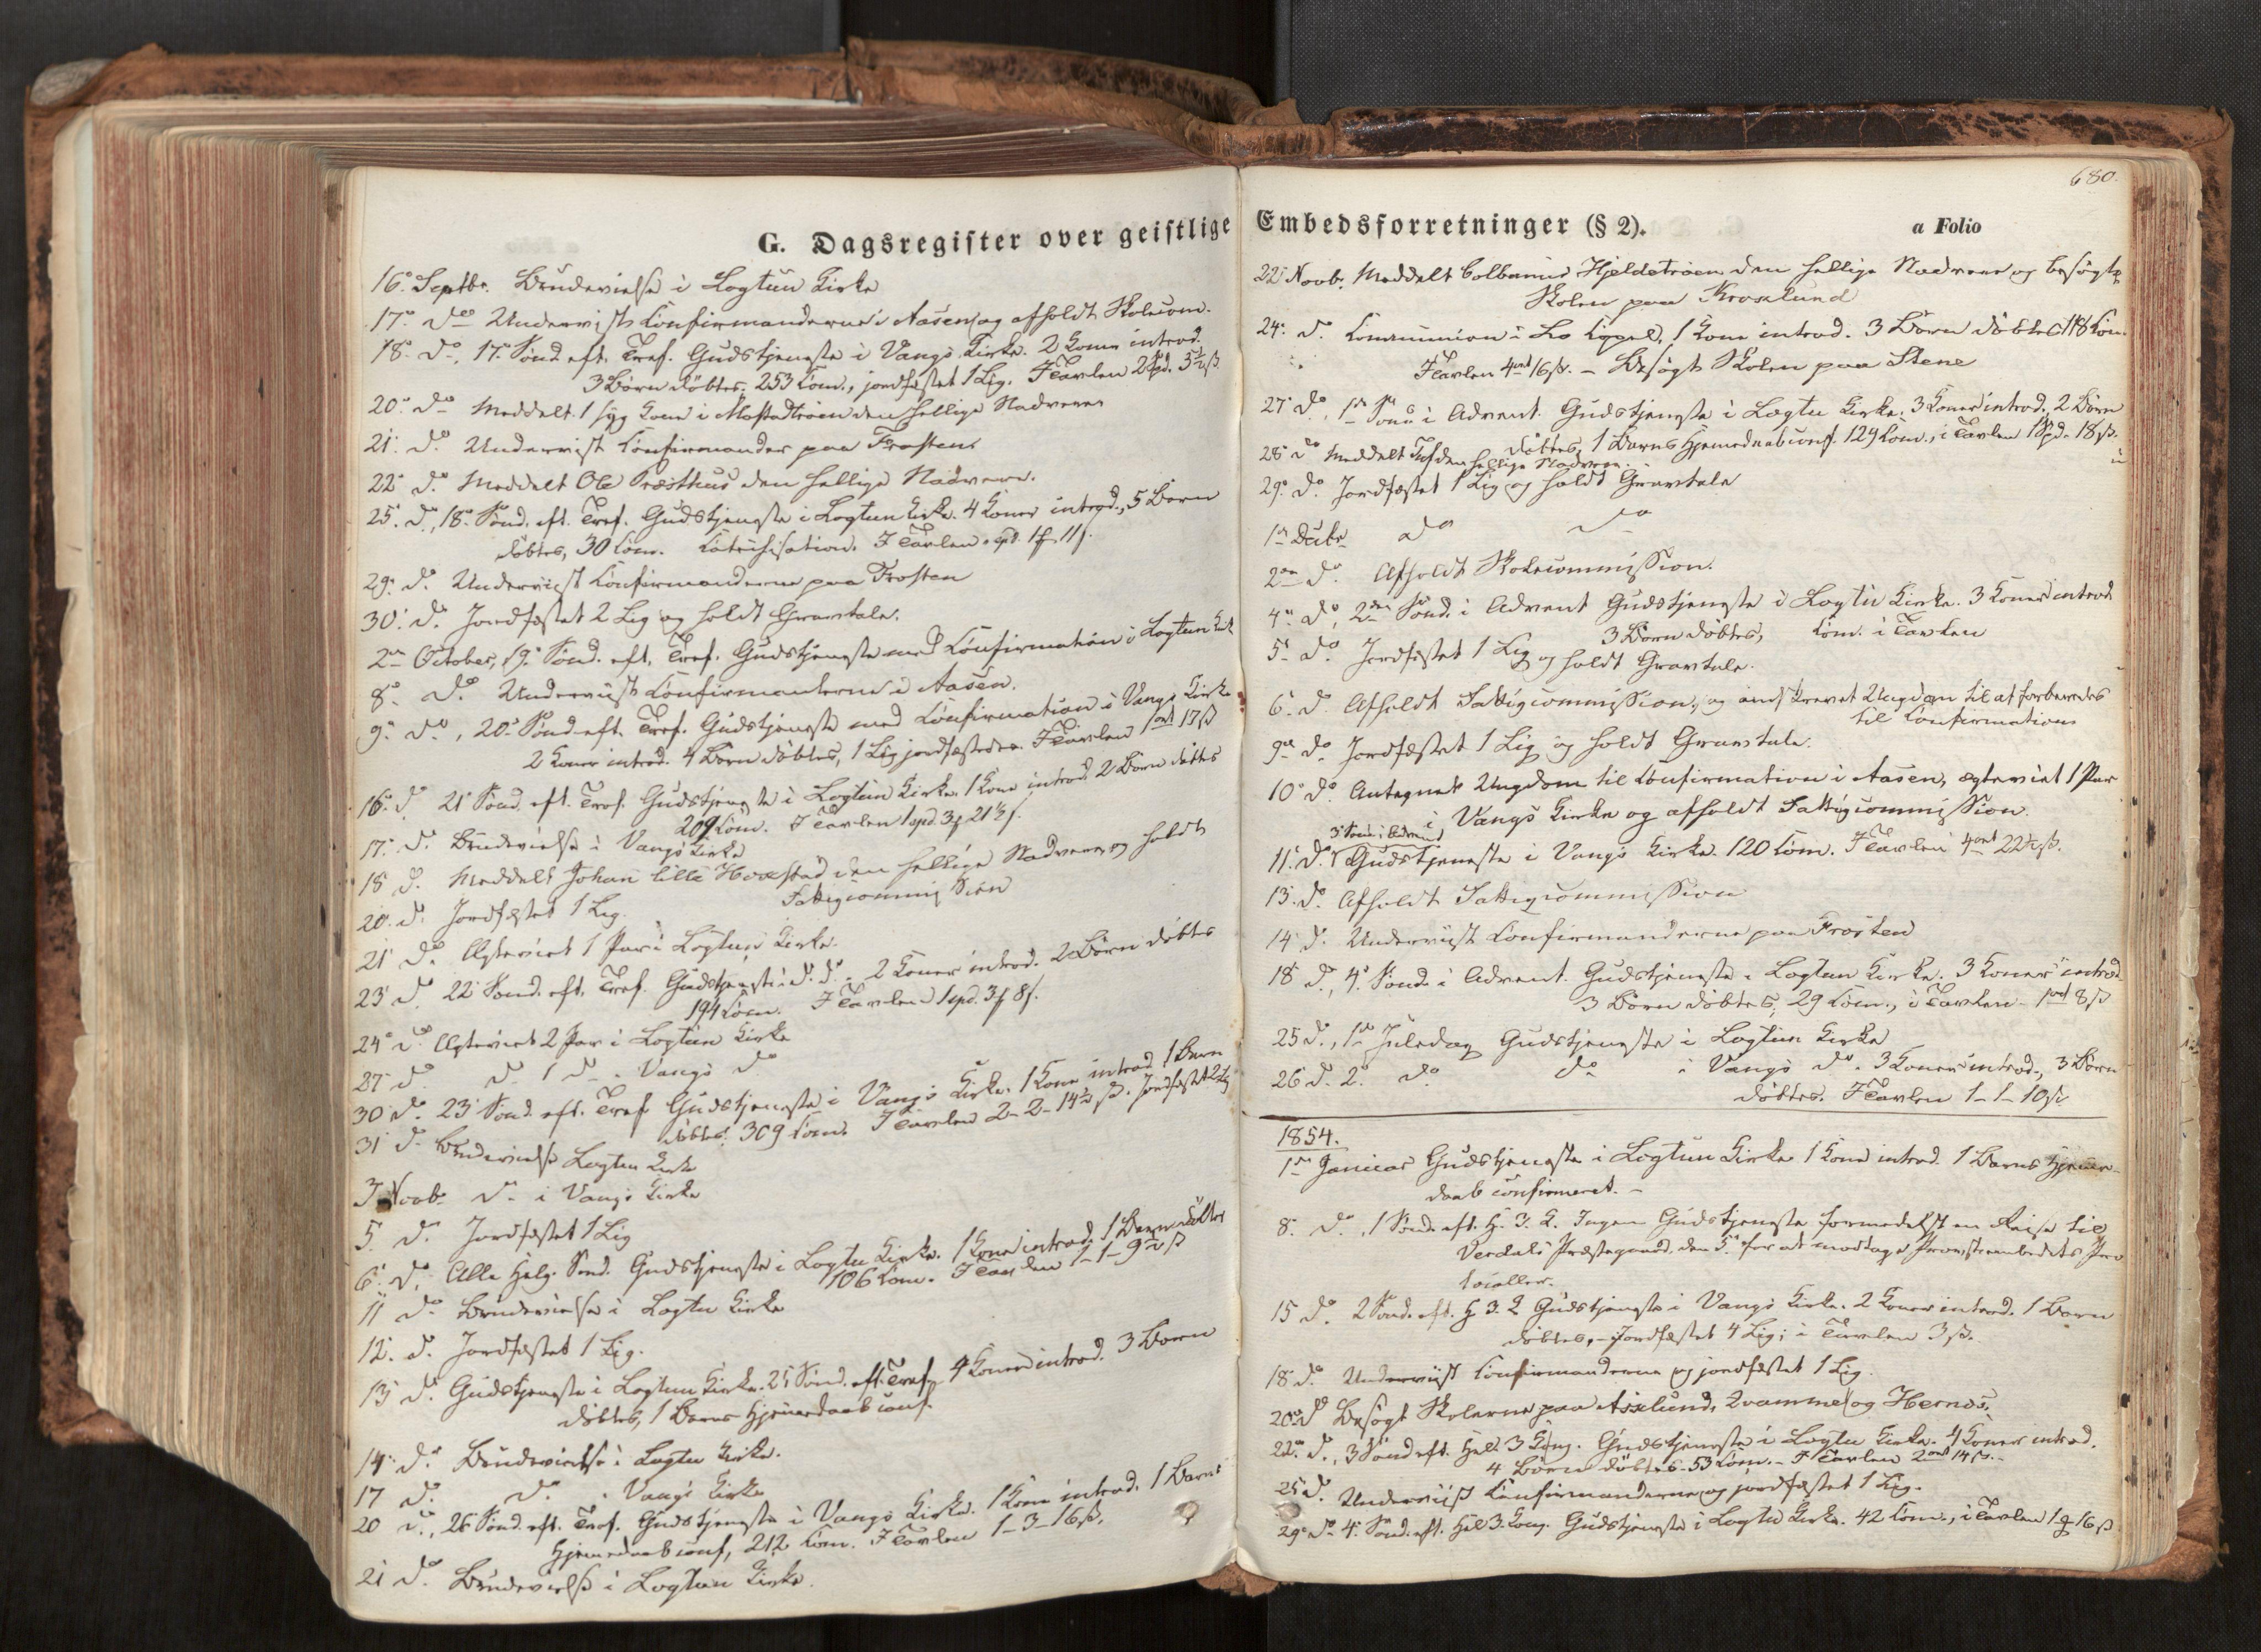 SAT, Ministerialprotokoller, klokkerbøker og fødselsregistre - Nord-Trøndelag, 713/L0116: Ministerialbok nr. 713A07, 1850-1877, s. 680